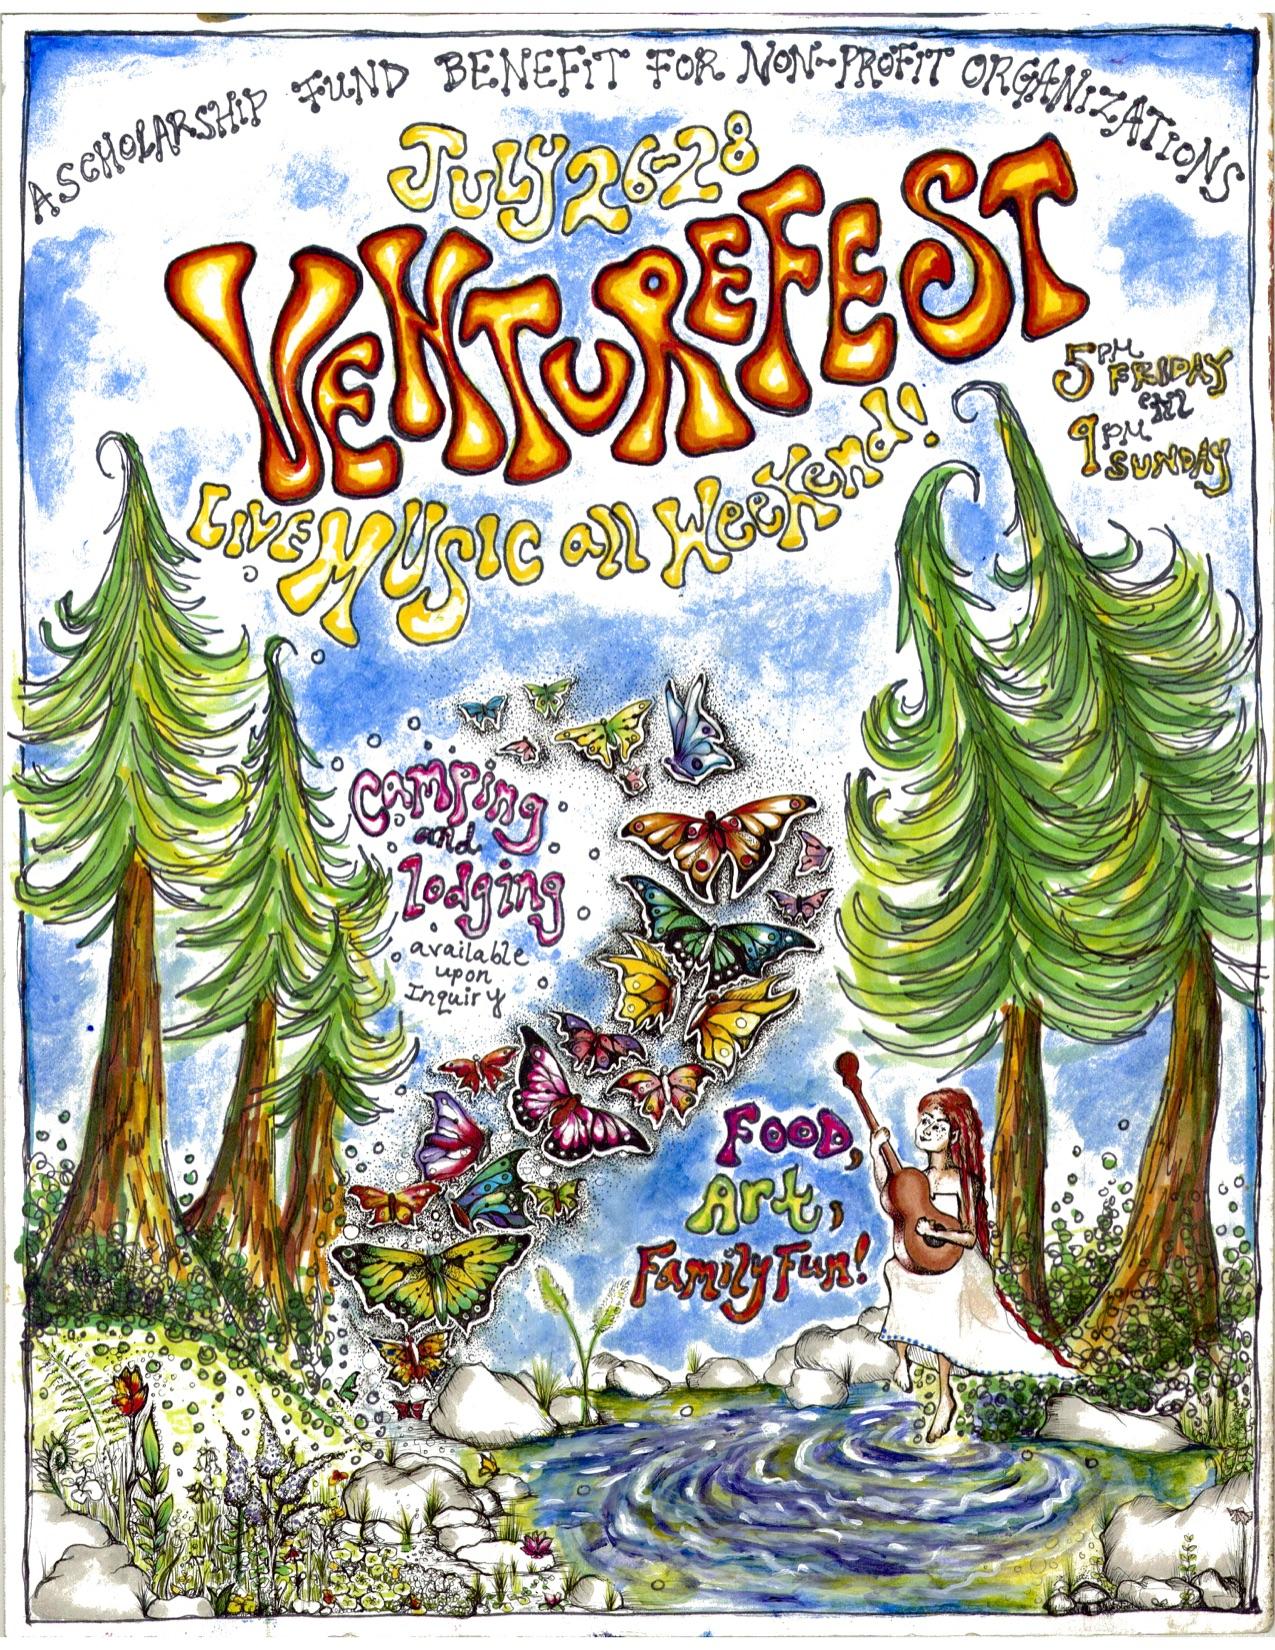 VentureFest Poster.jpg